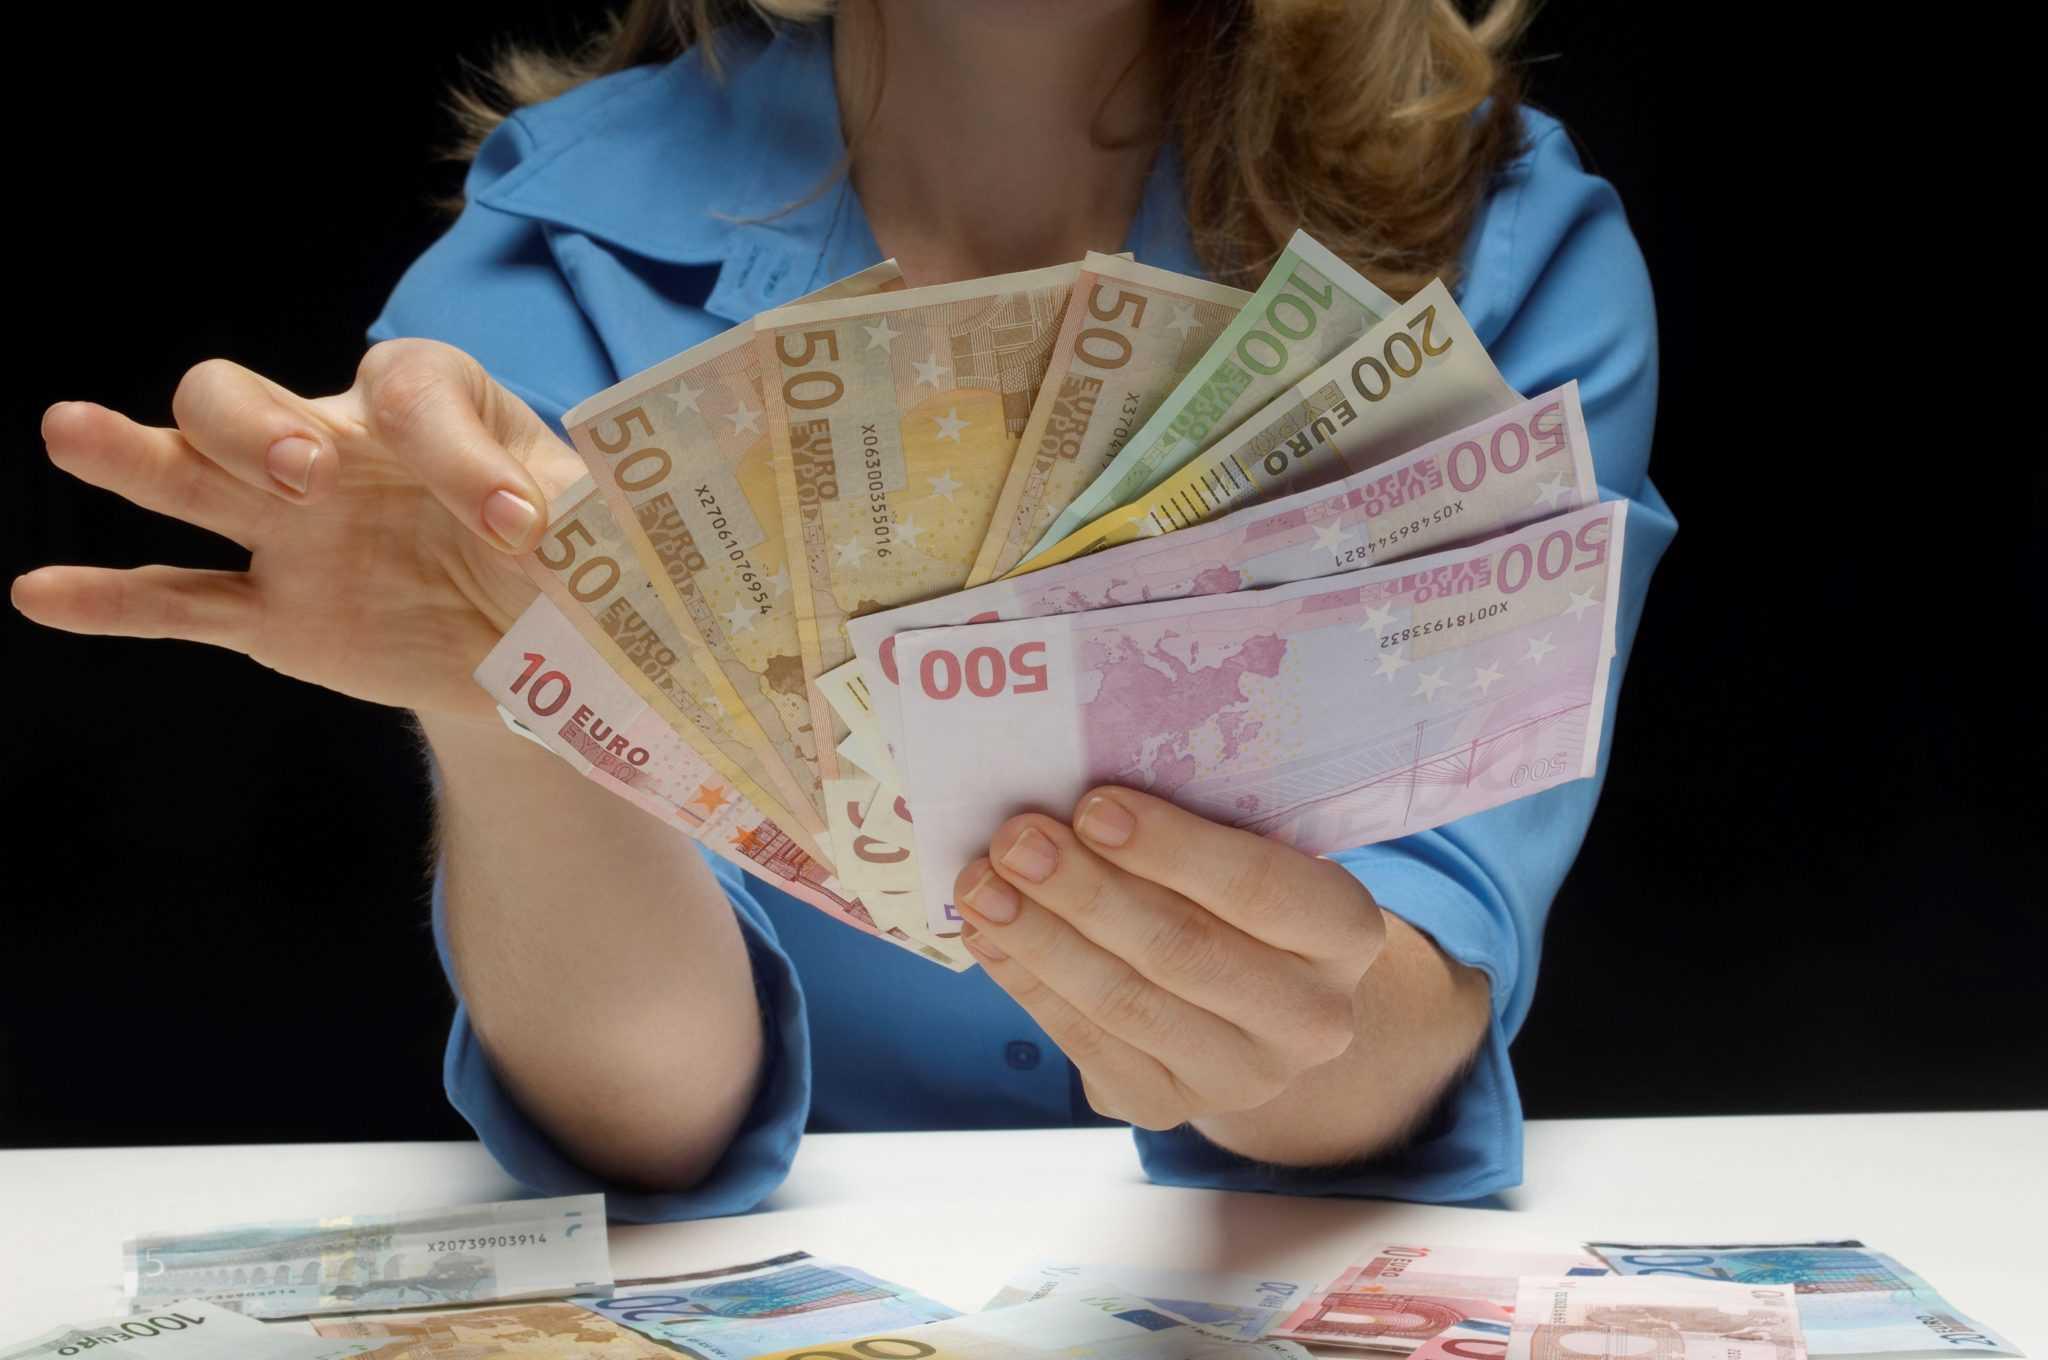 В какой валюте хранить деньги: анализ финансовой обстановки и лучшие варианты